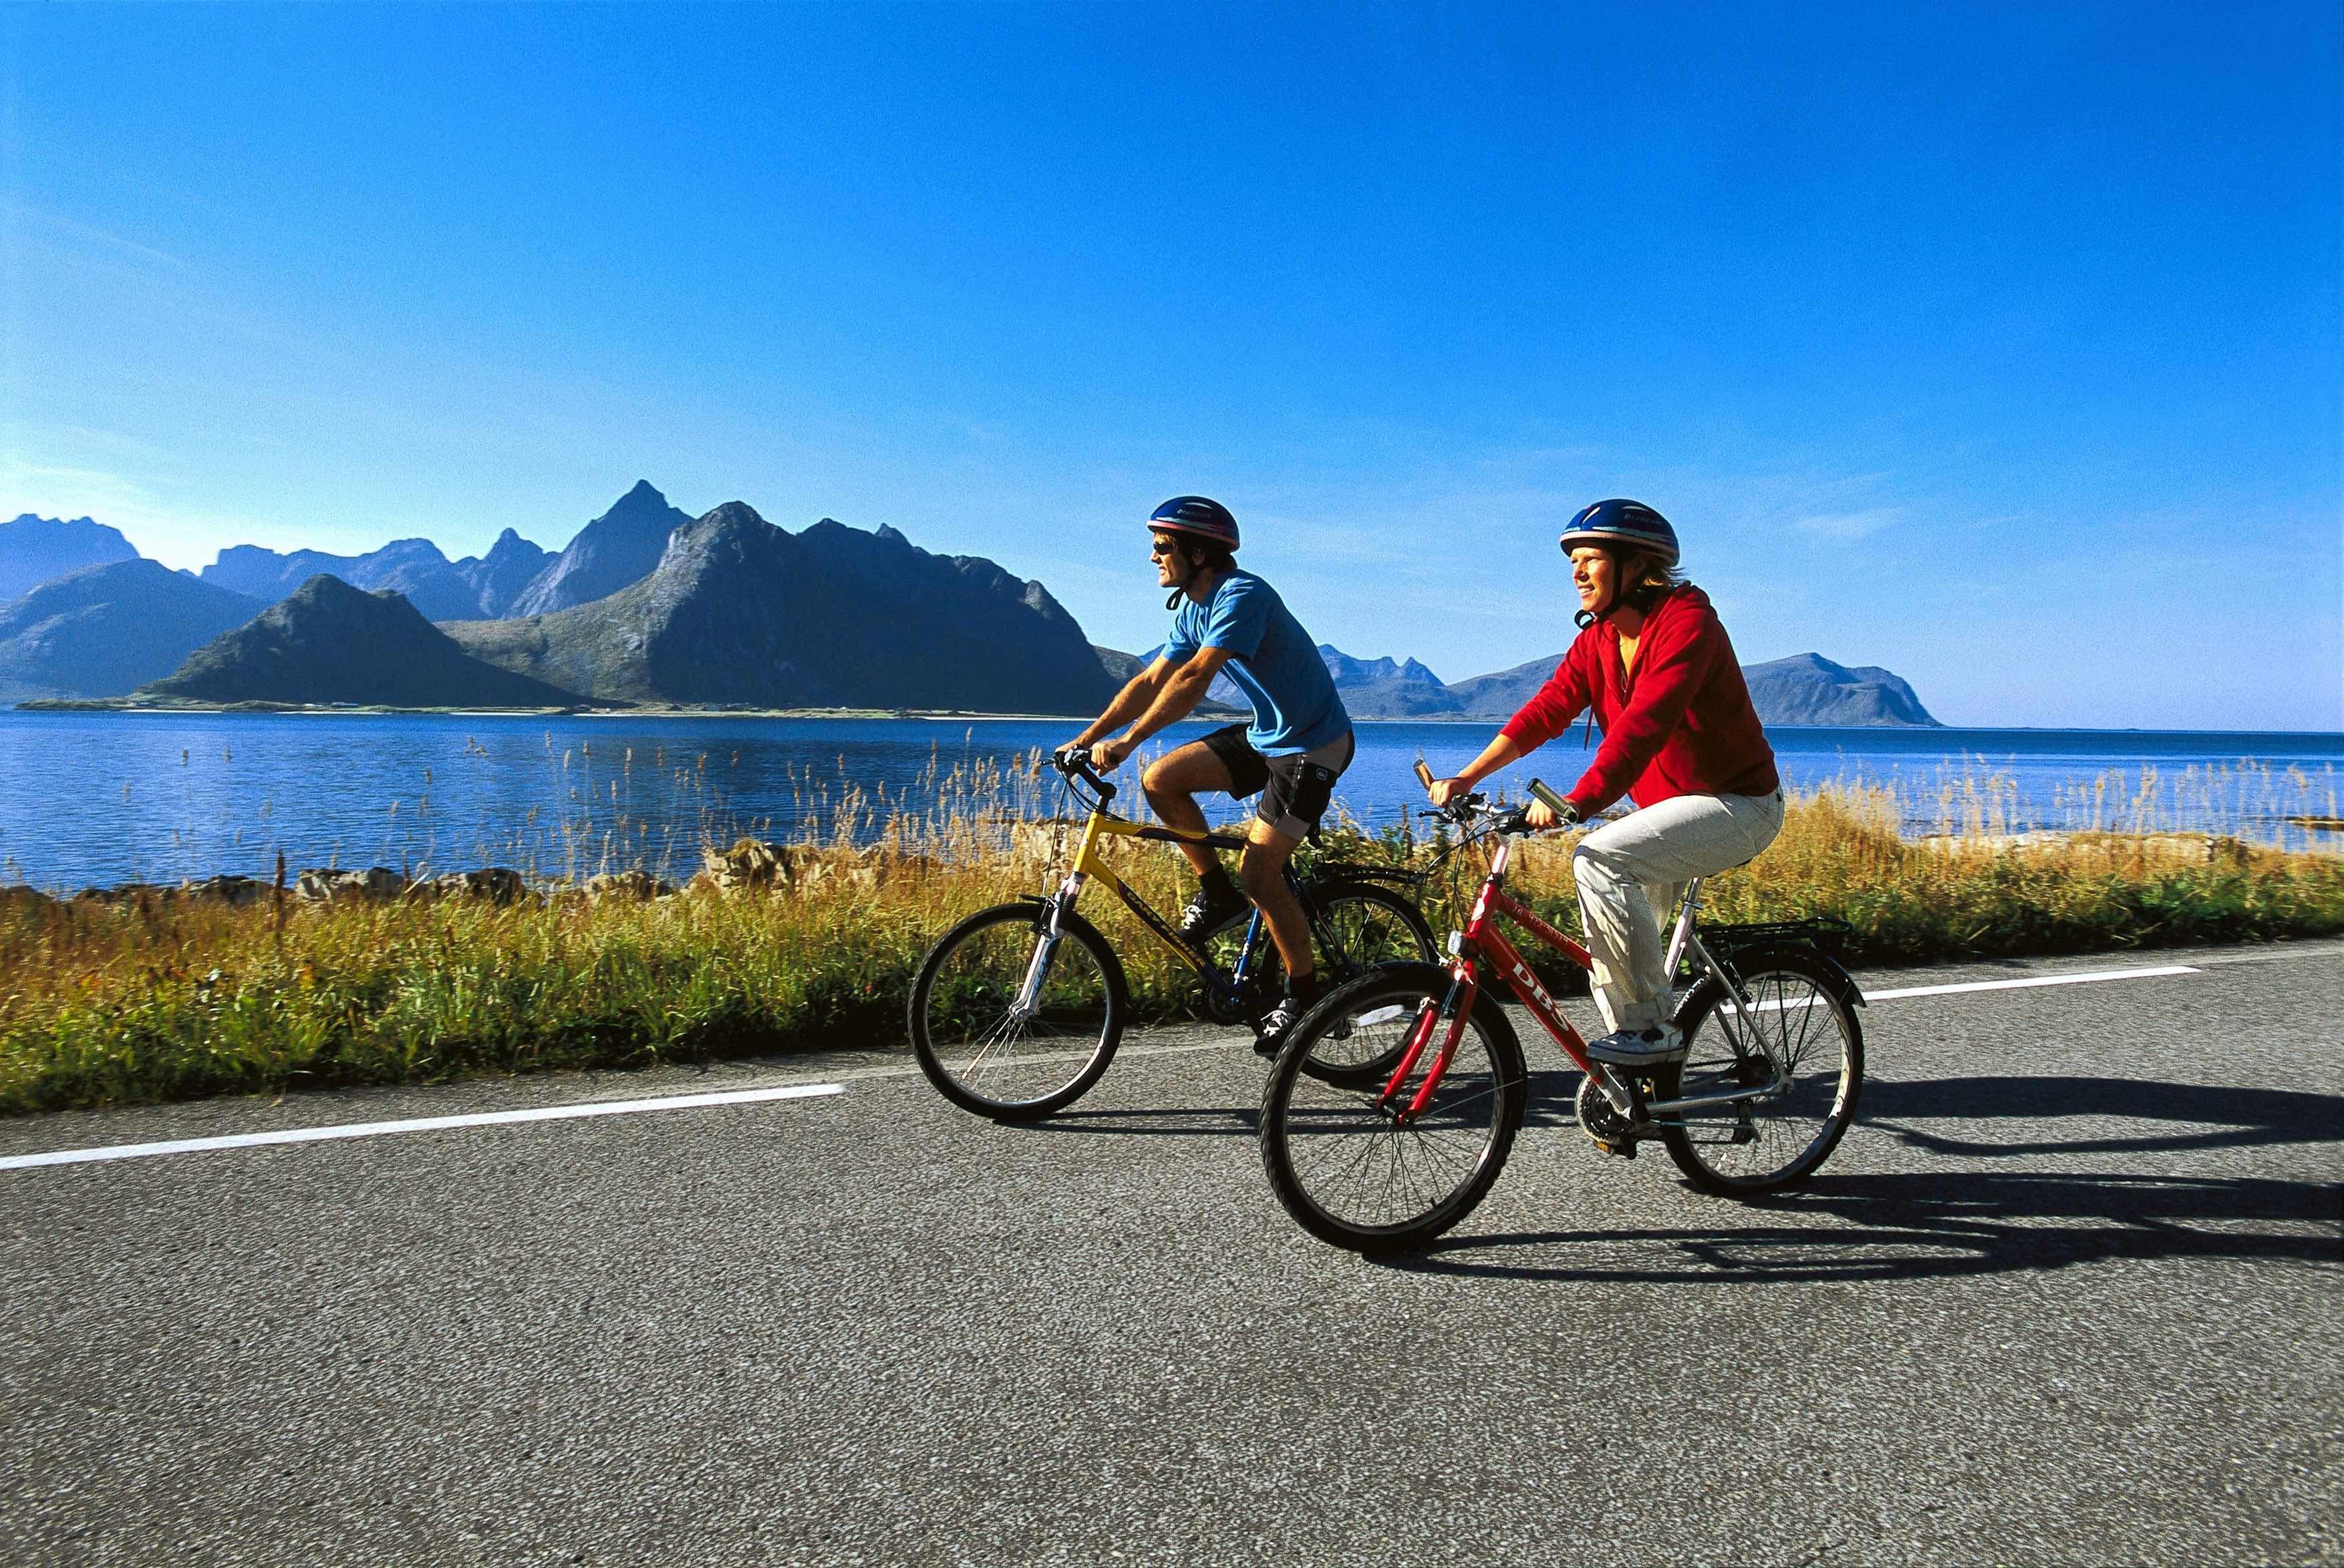 Terje Rakke - Nordic life - Visitnorway.com ,  © Terje Rakke - Nordic life - Visitnorway.com , Bikes rental at 69 Nord Sommarøy Outdoor Center